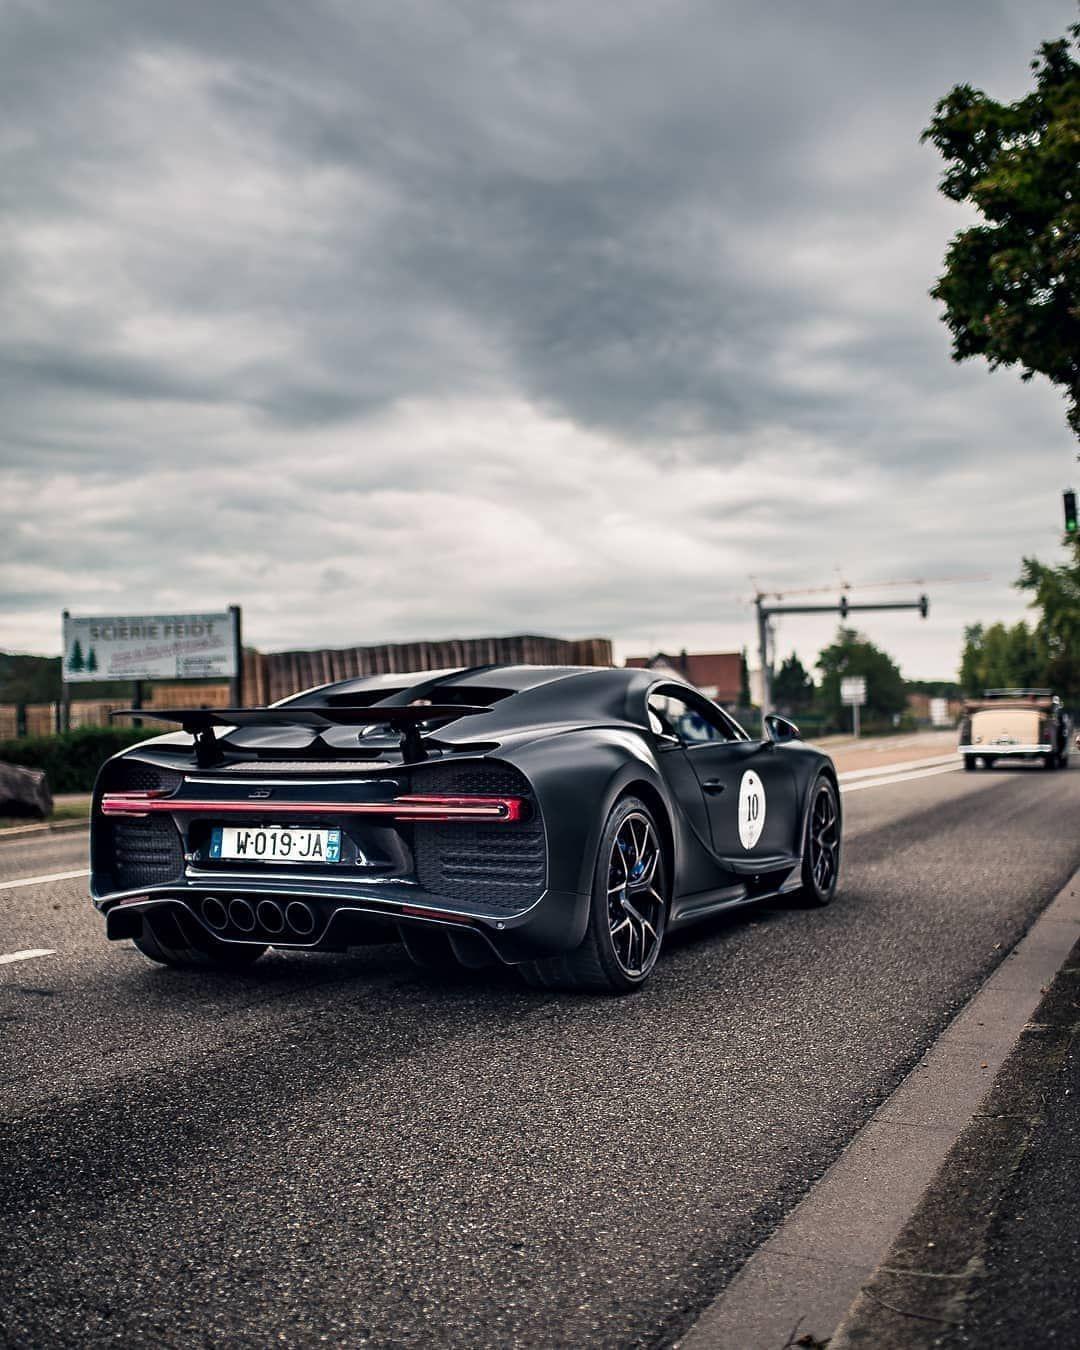 Epingle Par Hoangminh Sur Supercar En 2020 Bugatti Voiture Voiture Francaise